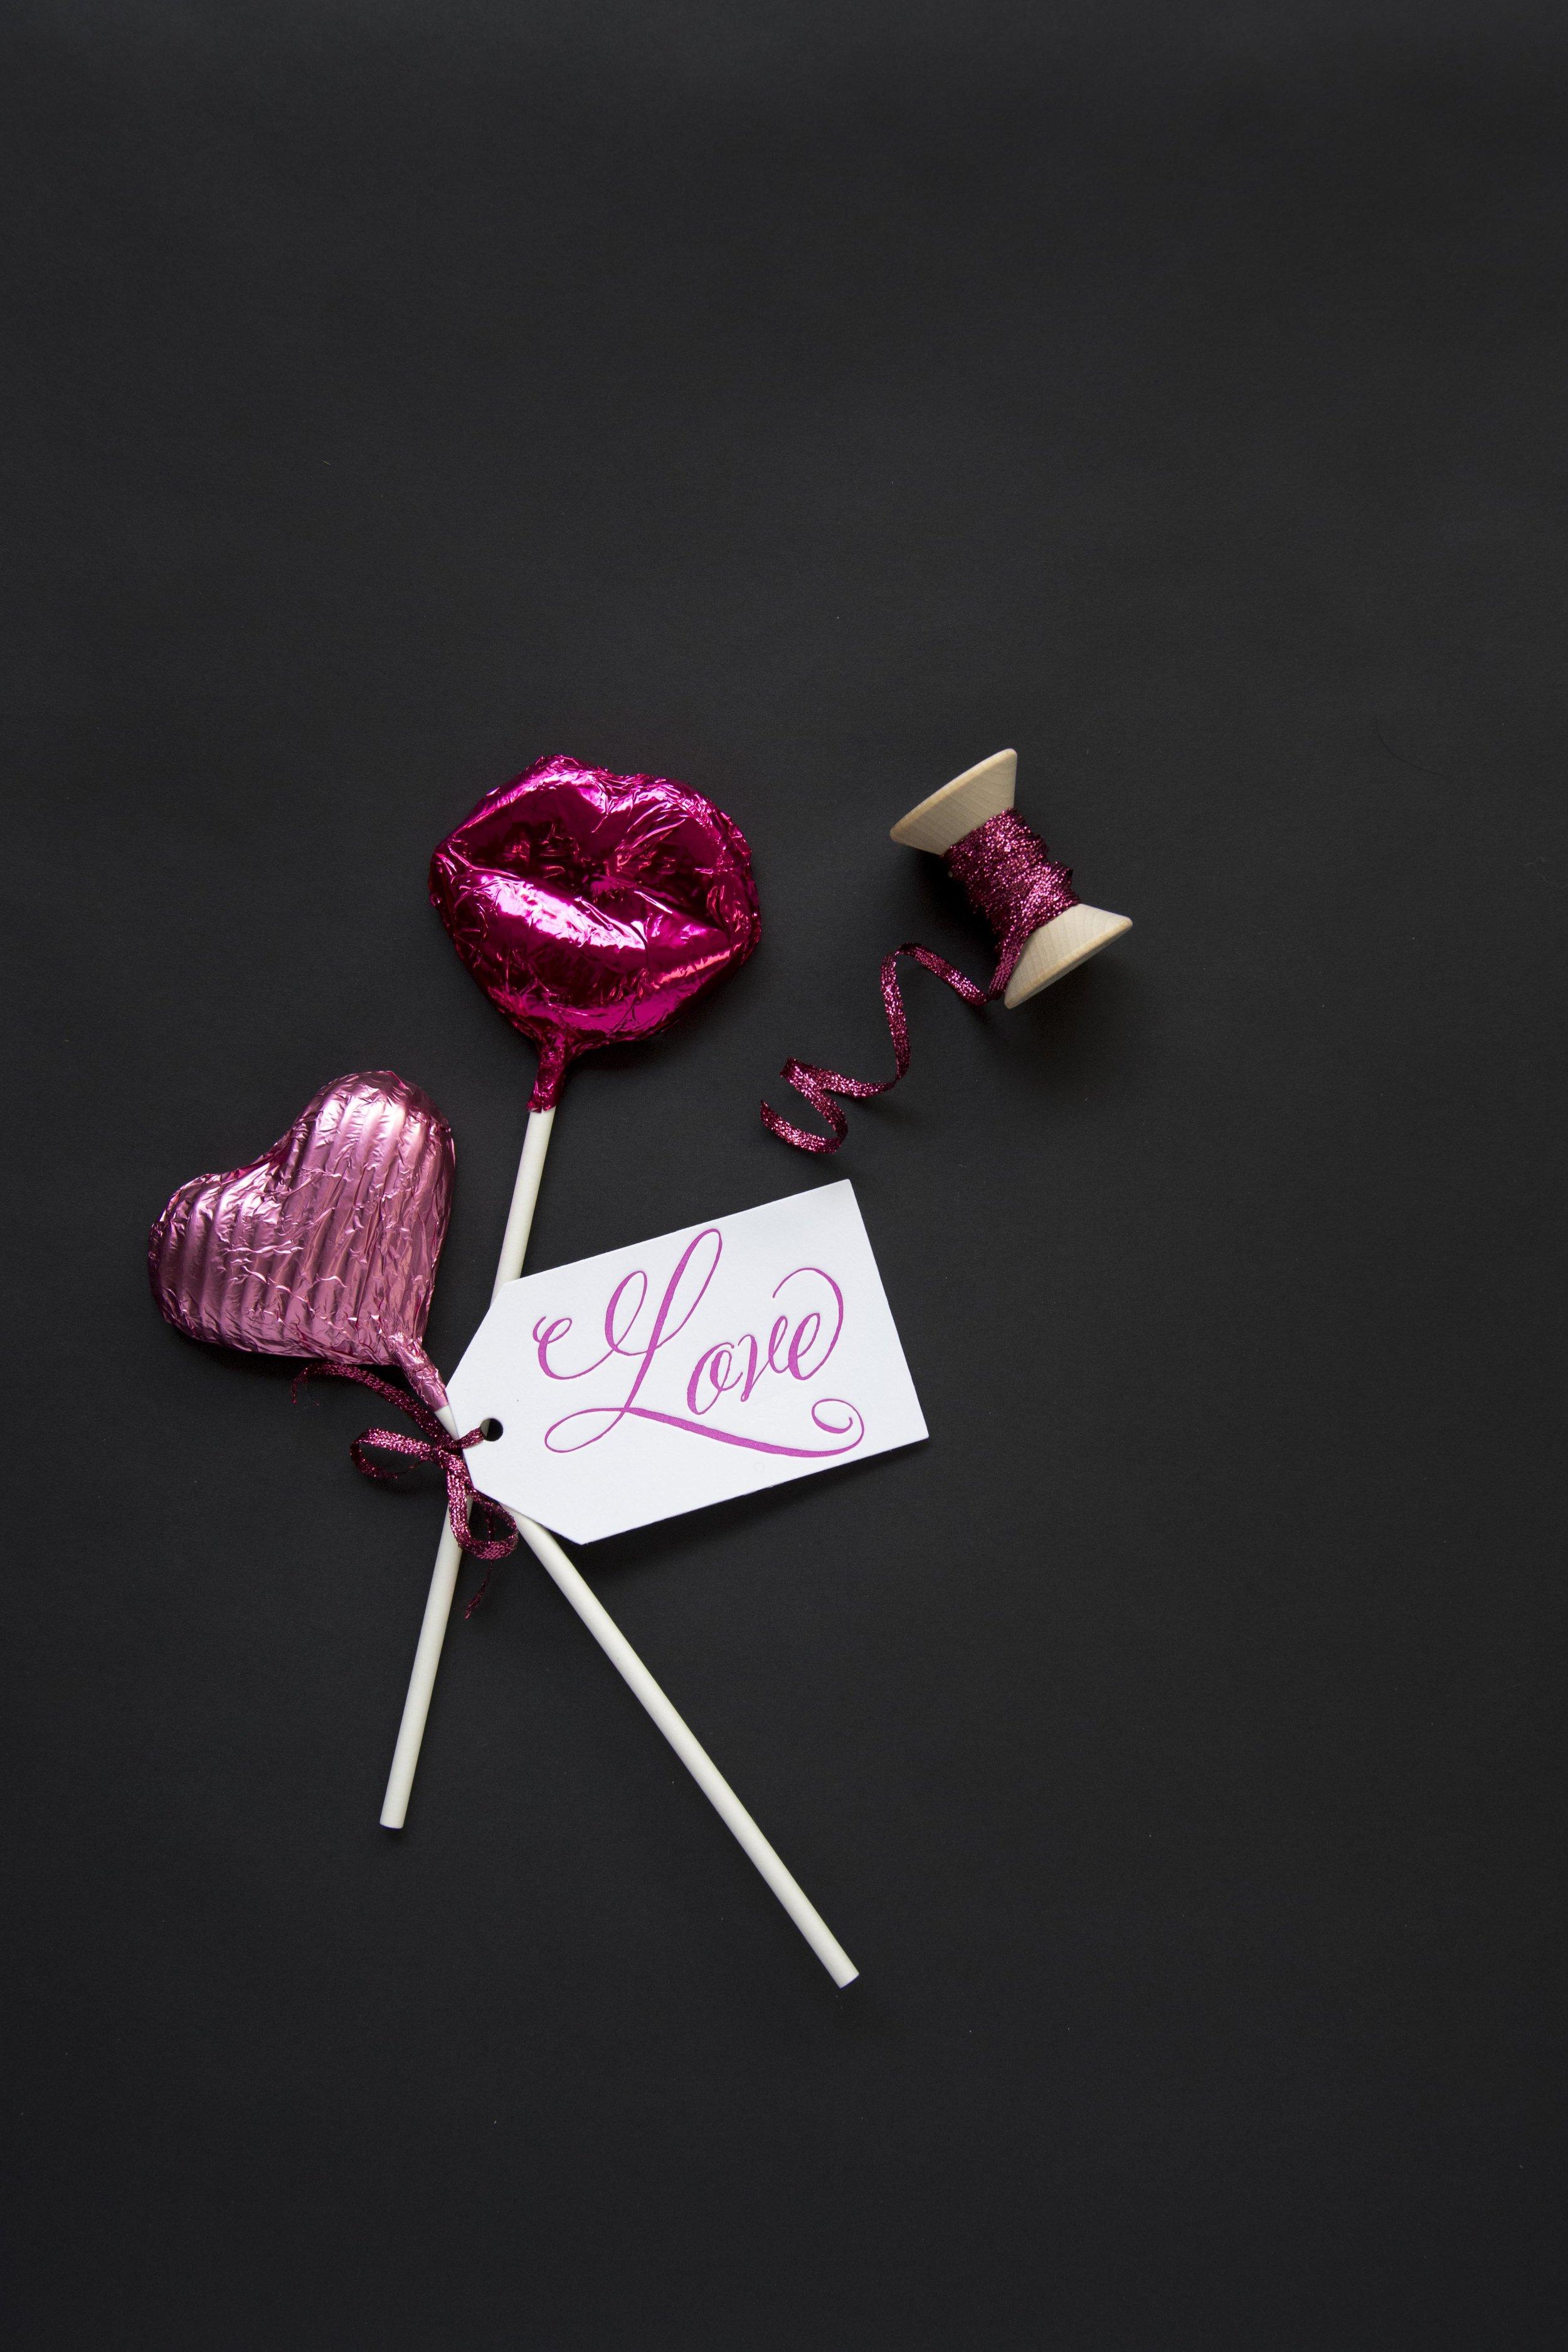 PGT_T152_Stylized_Valentine_Lollipops_HautePapier.jpg